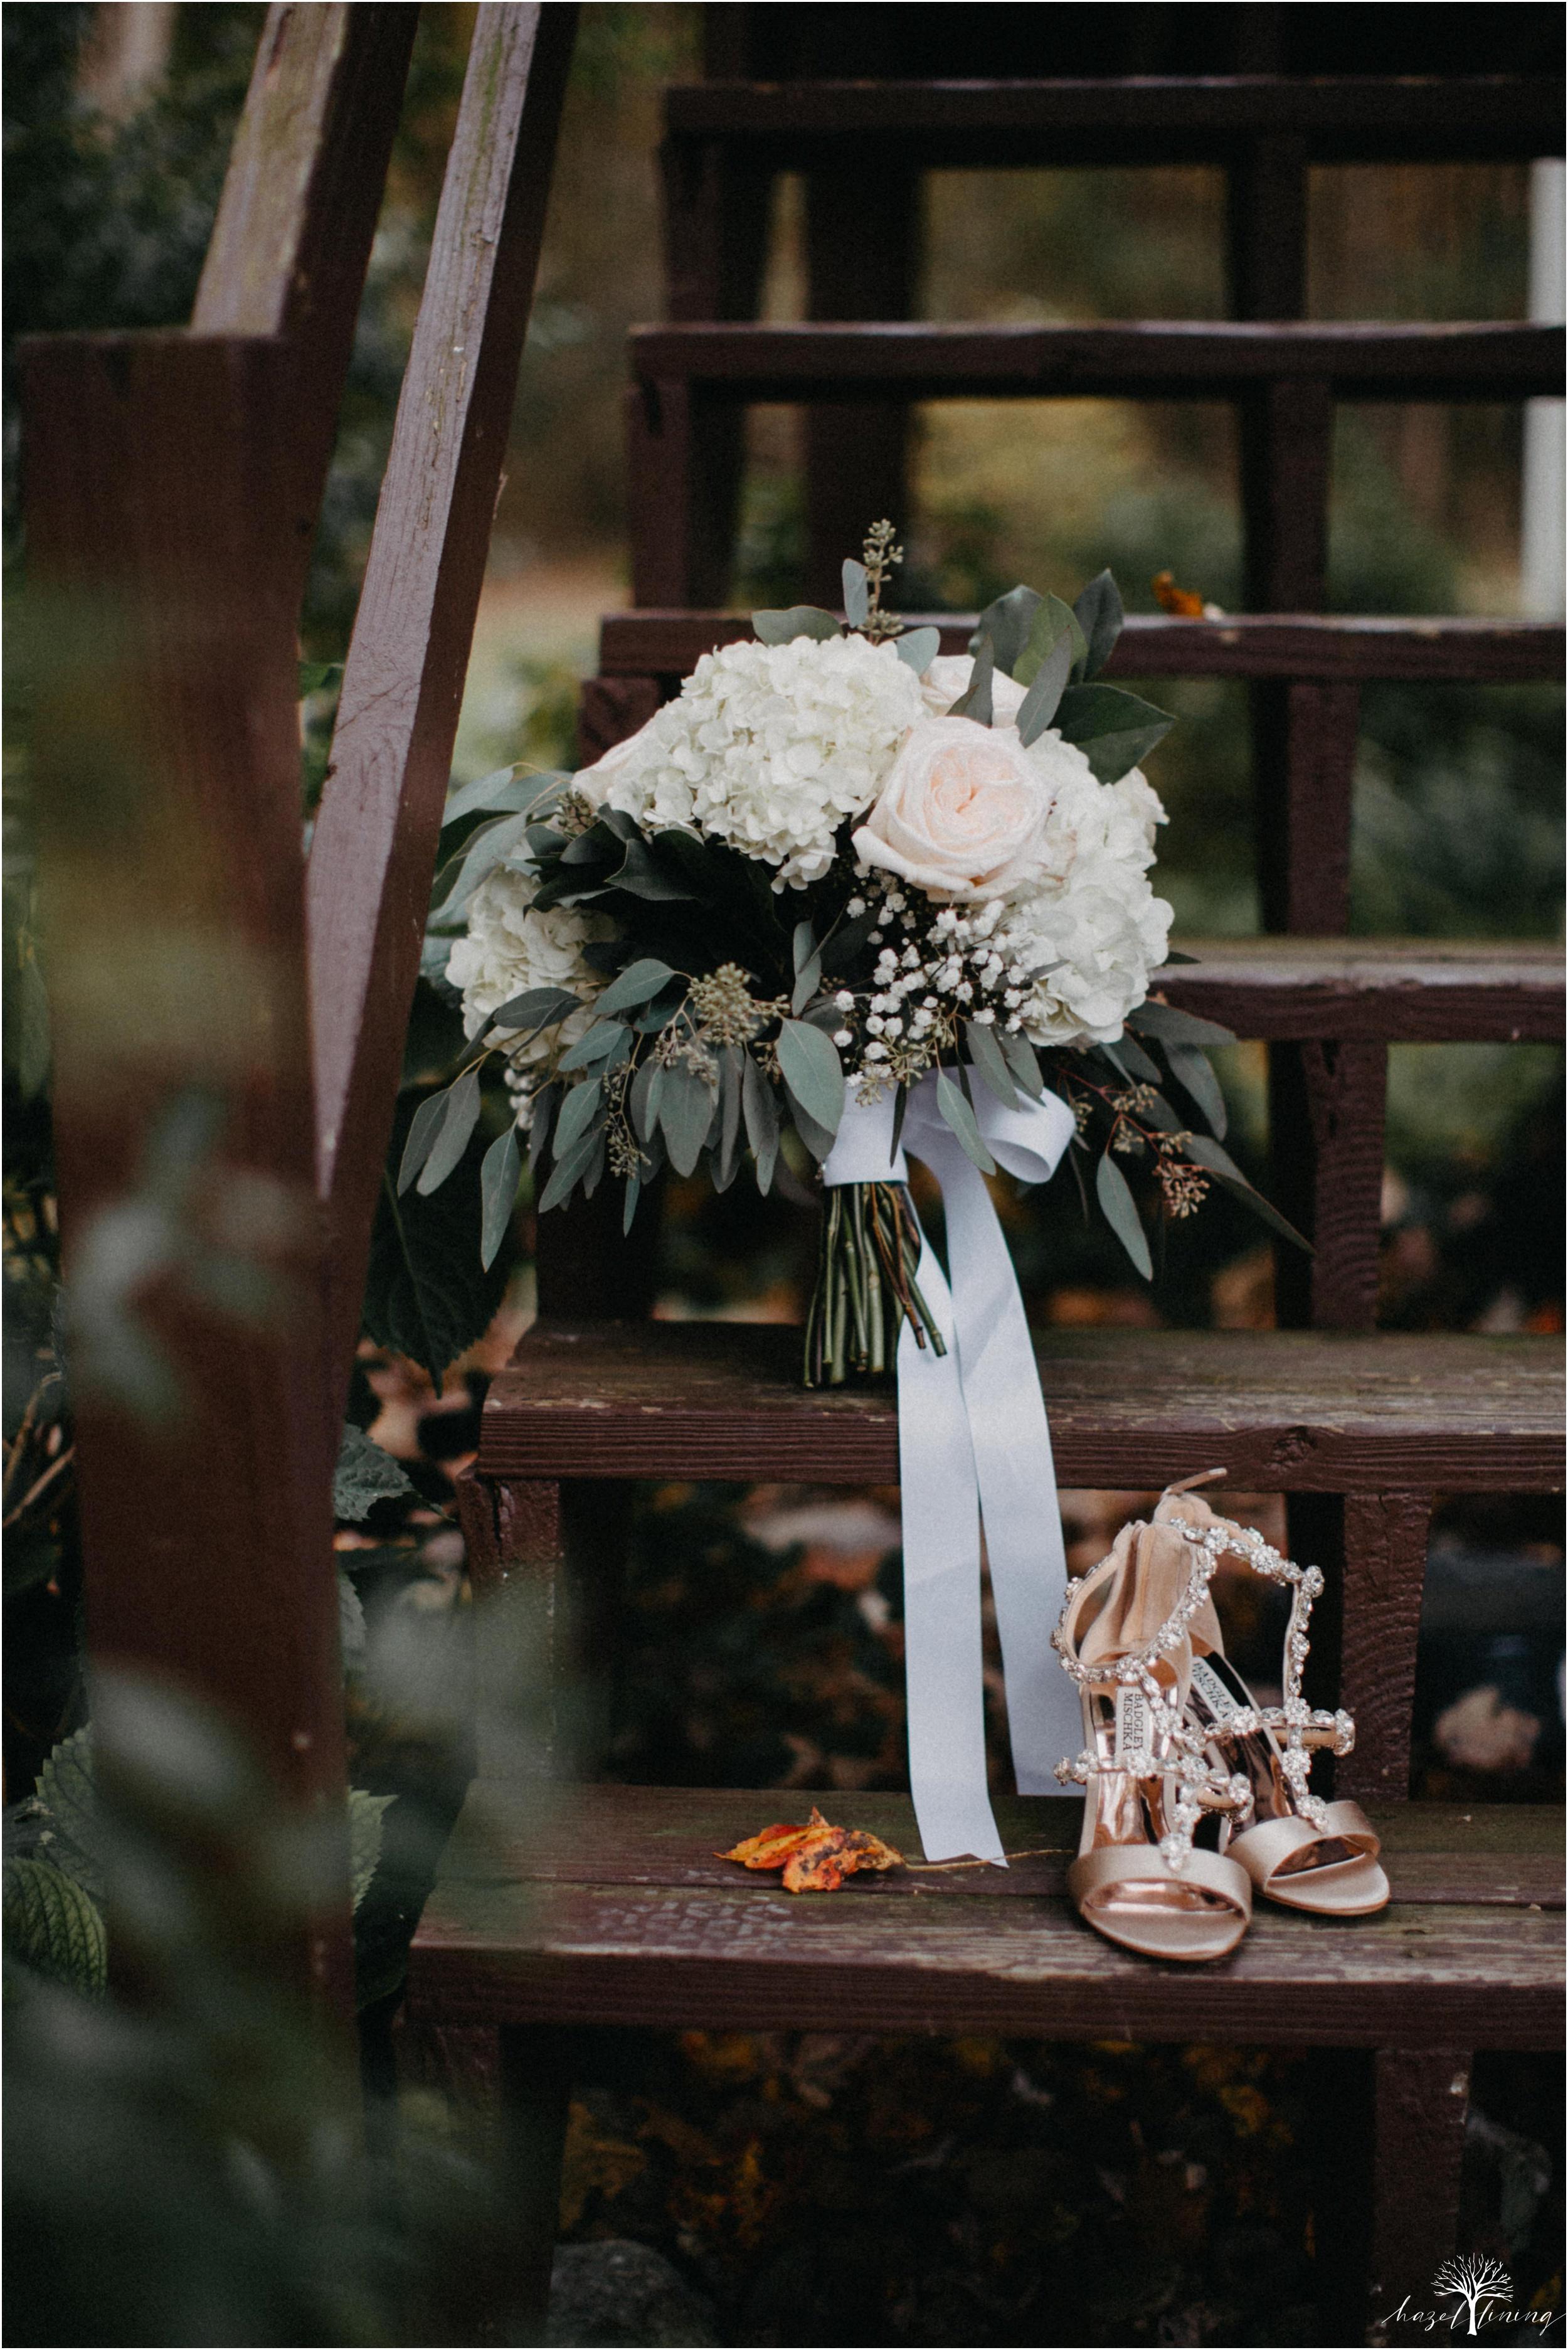 jessie-martin-zach-umlauf-olde-homestead-golfclub-outdoor-autumn-wedding_0002.jpg